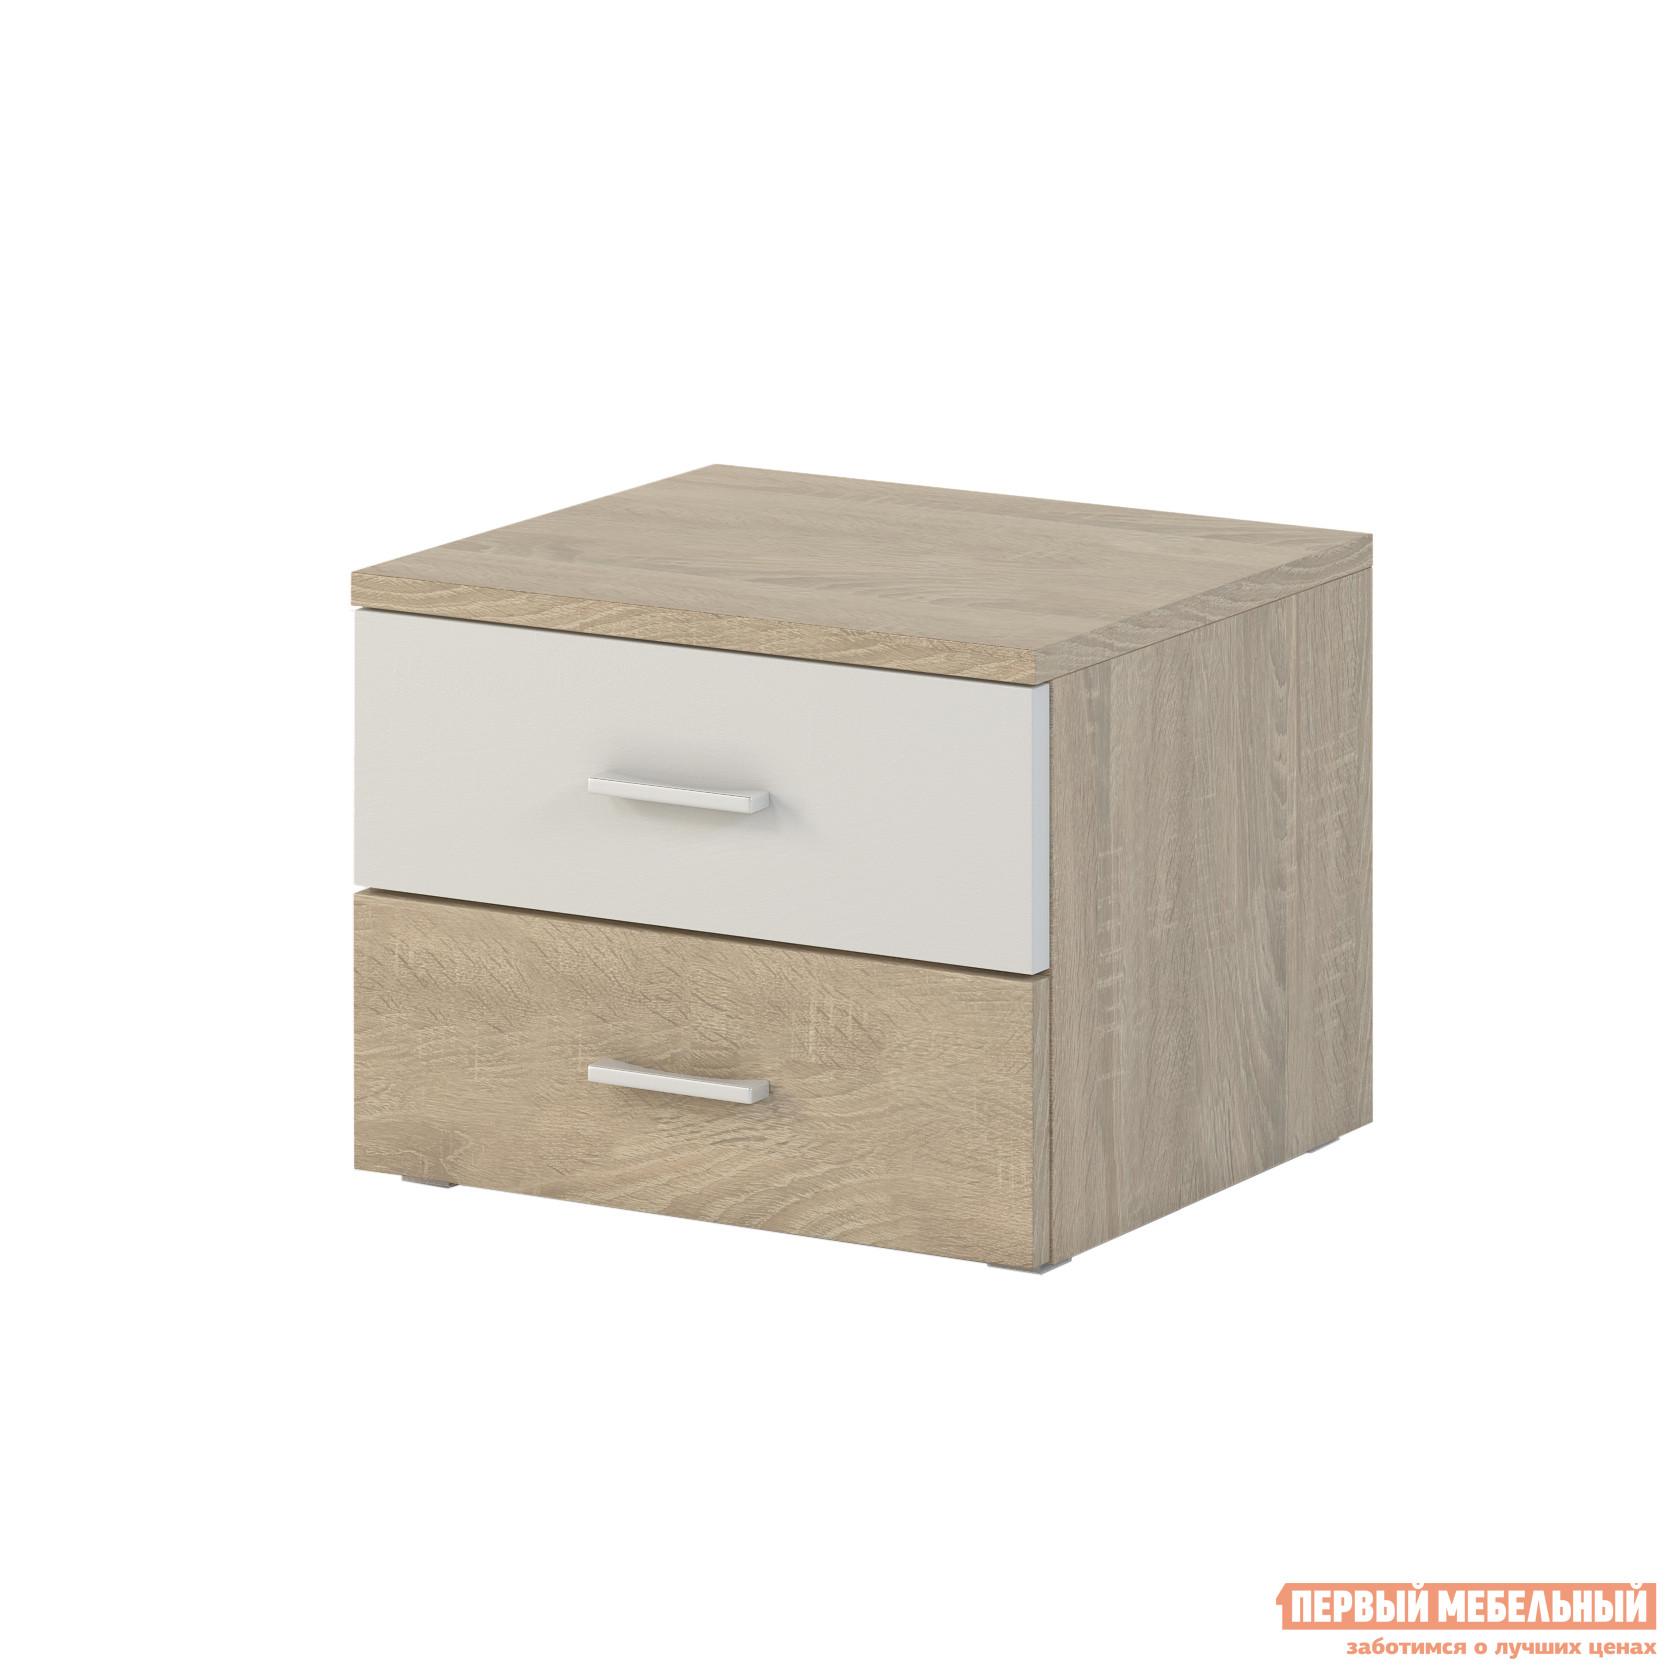 Прикроватная тумбочка Милана 1405.М2 тумбочка мебель трия прикроватная токио пм 131 03 см дуб белфорт венге цаво